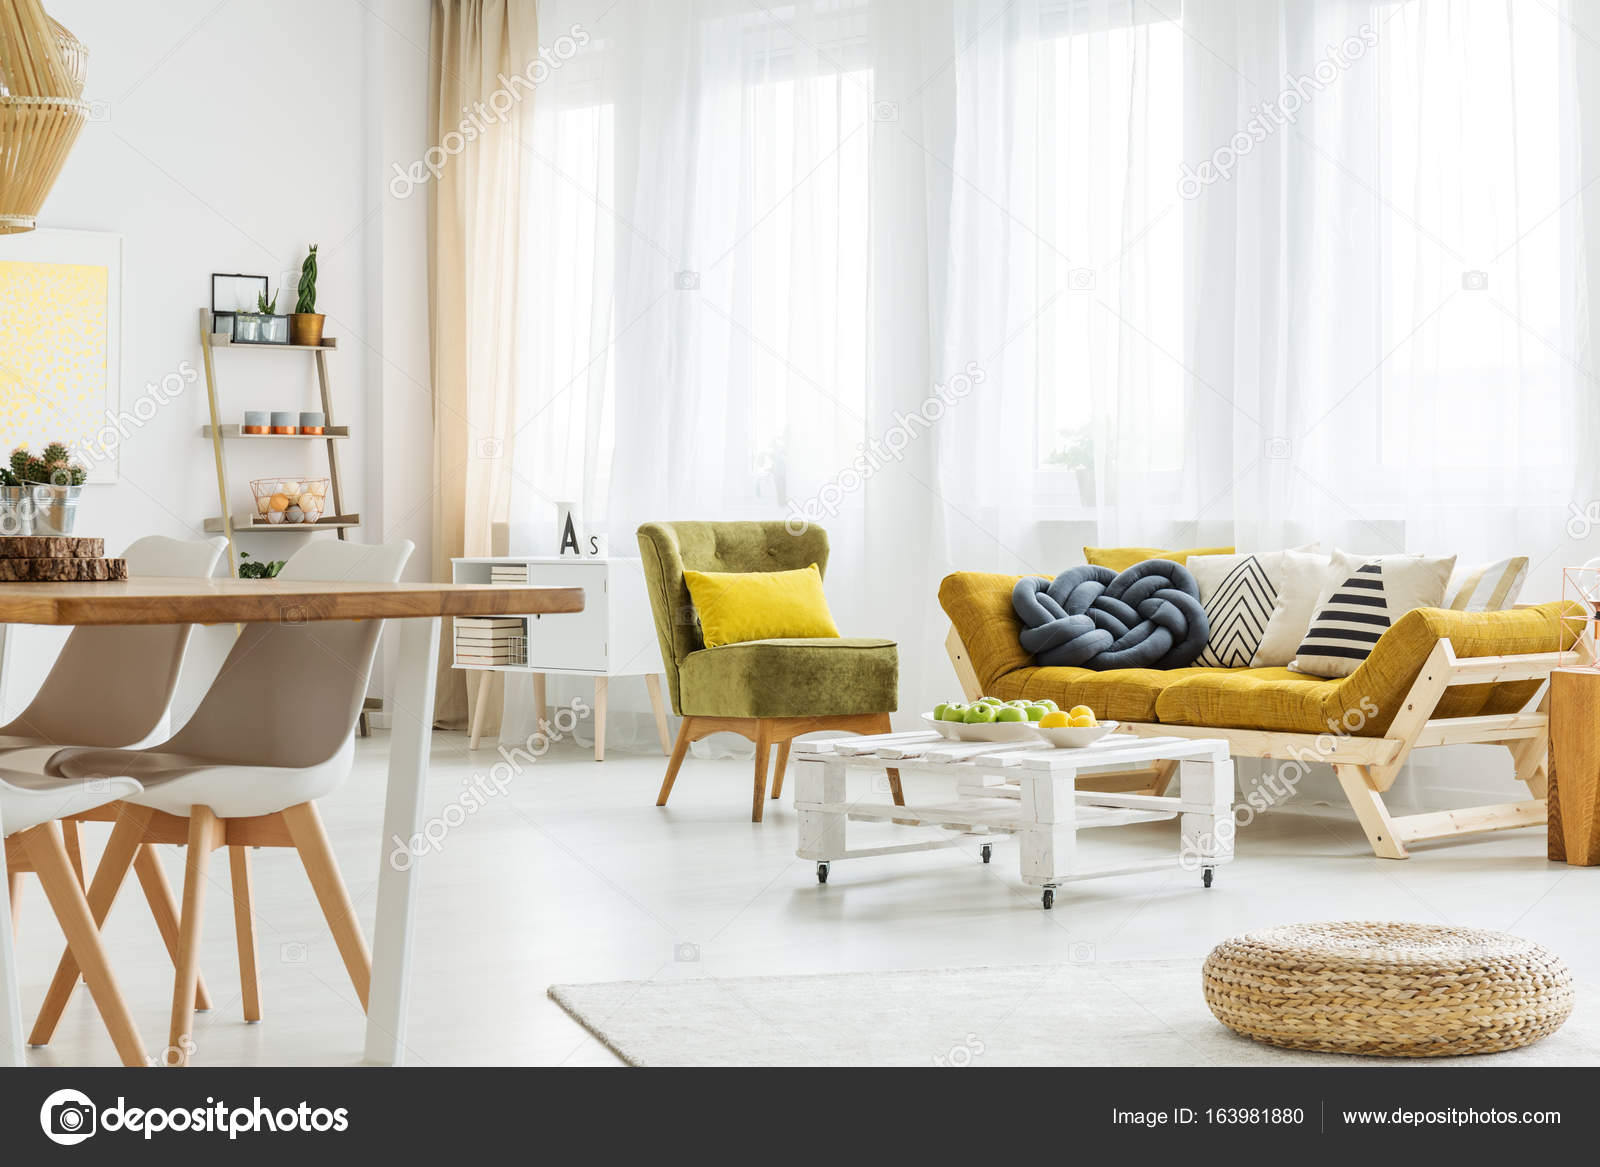 Wohnzimmer mit Tisch auf Rädern — Stockfoto © photographee.eu #163981880